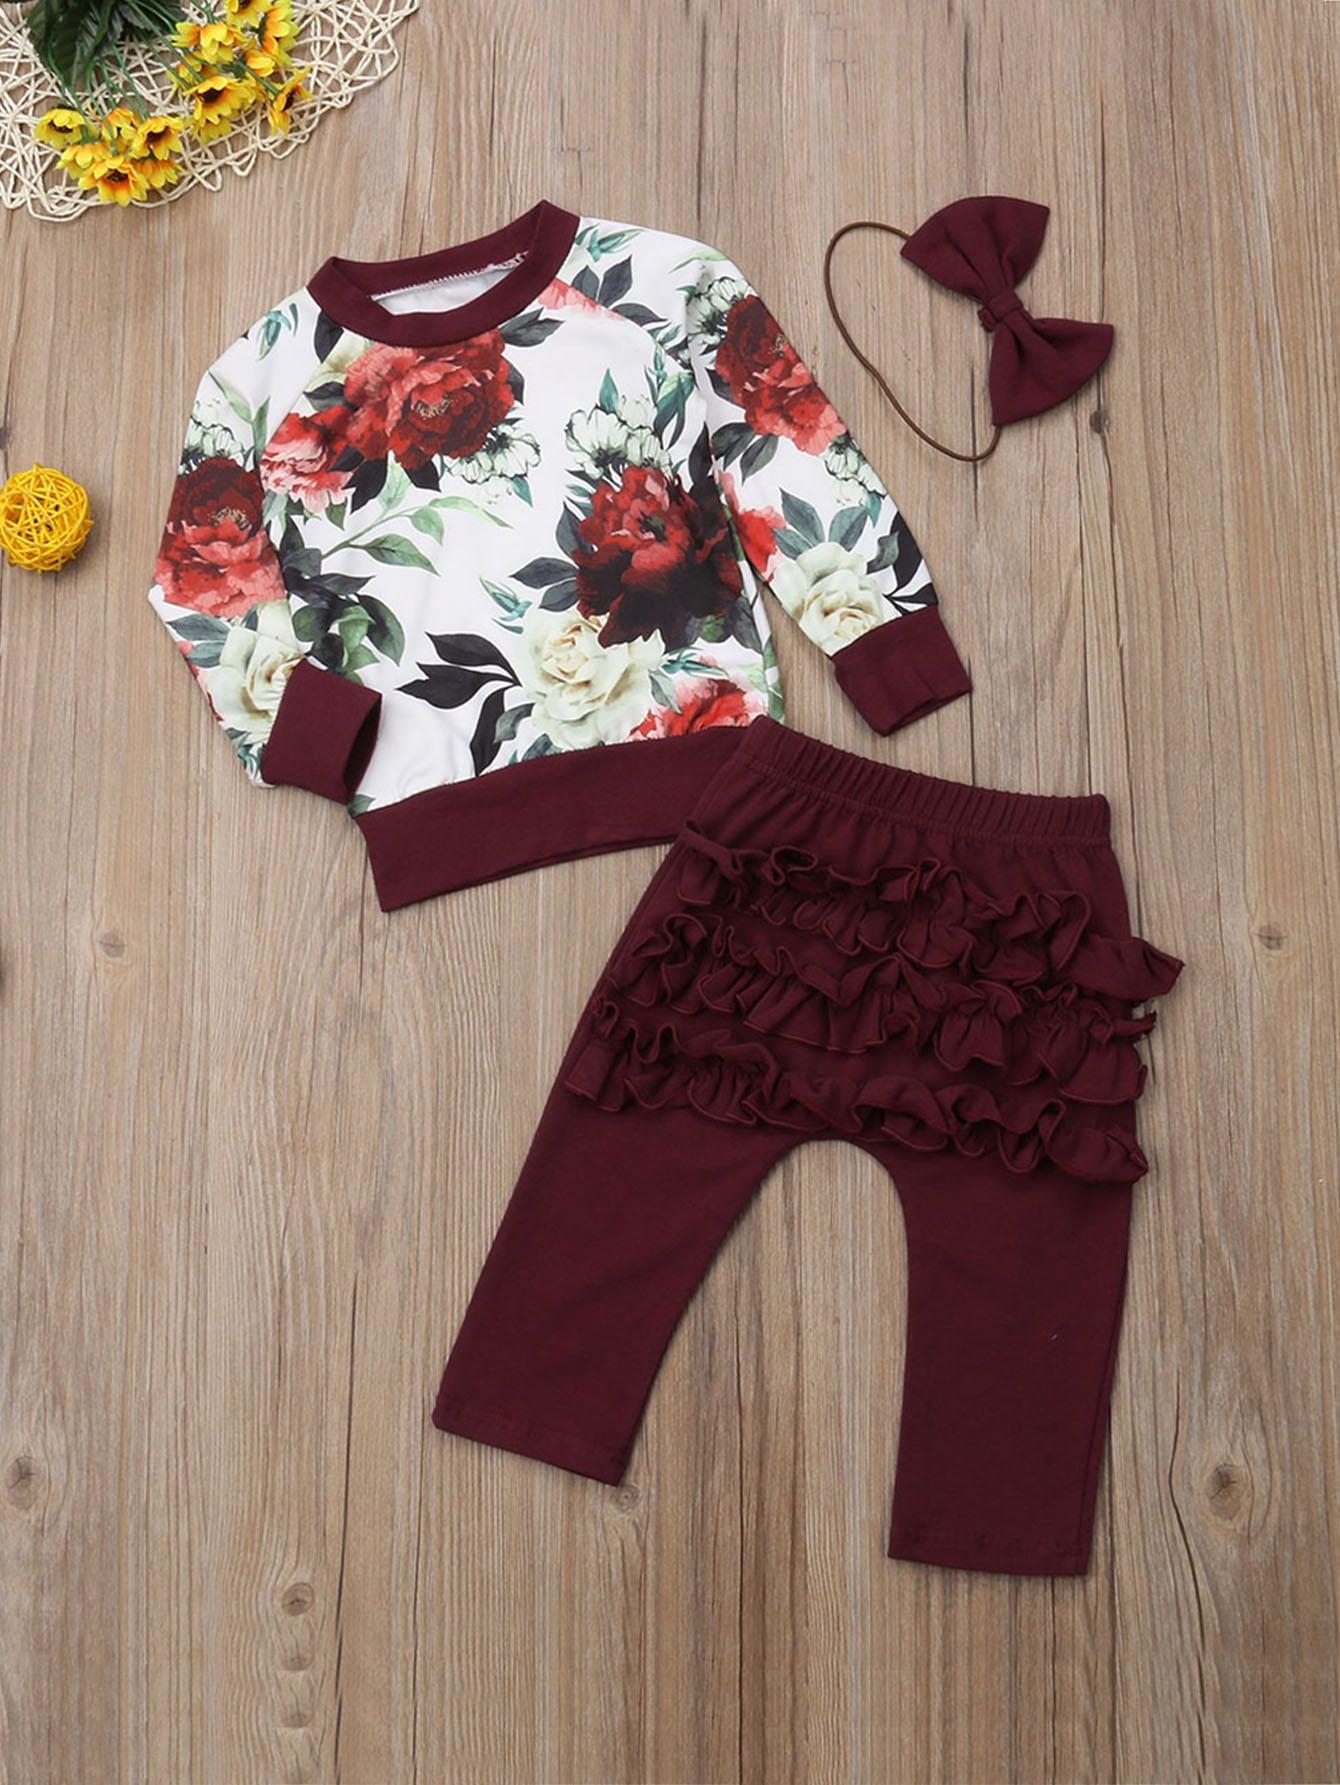 Купить Топ с цветочным принтом и однотонные брюки с оборкой и повязкой на голову для маленьких девочек, null, SheIn